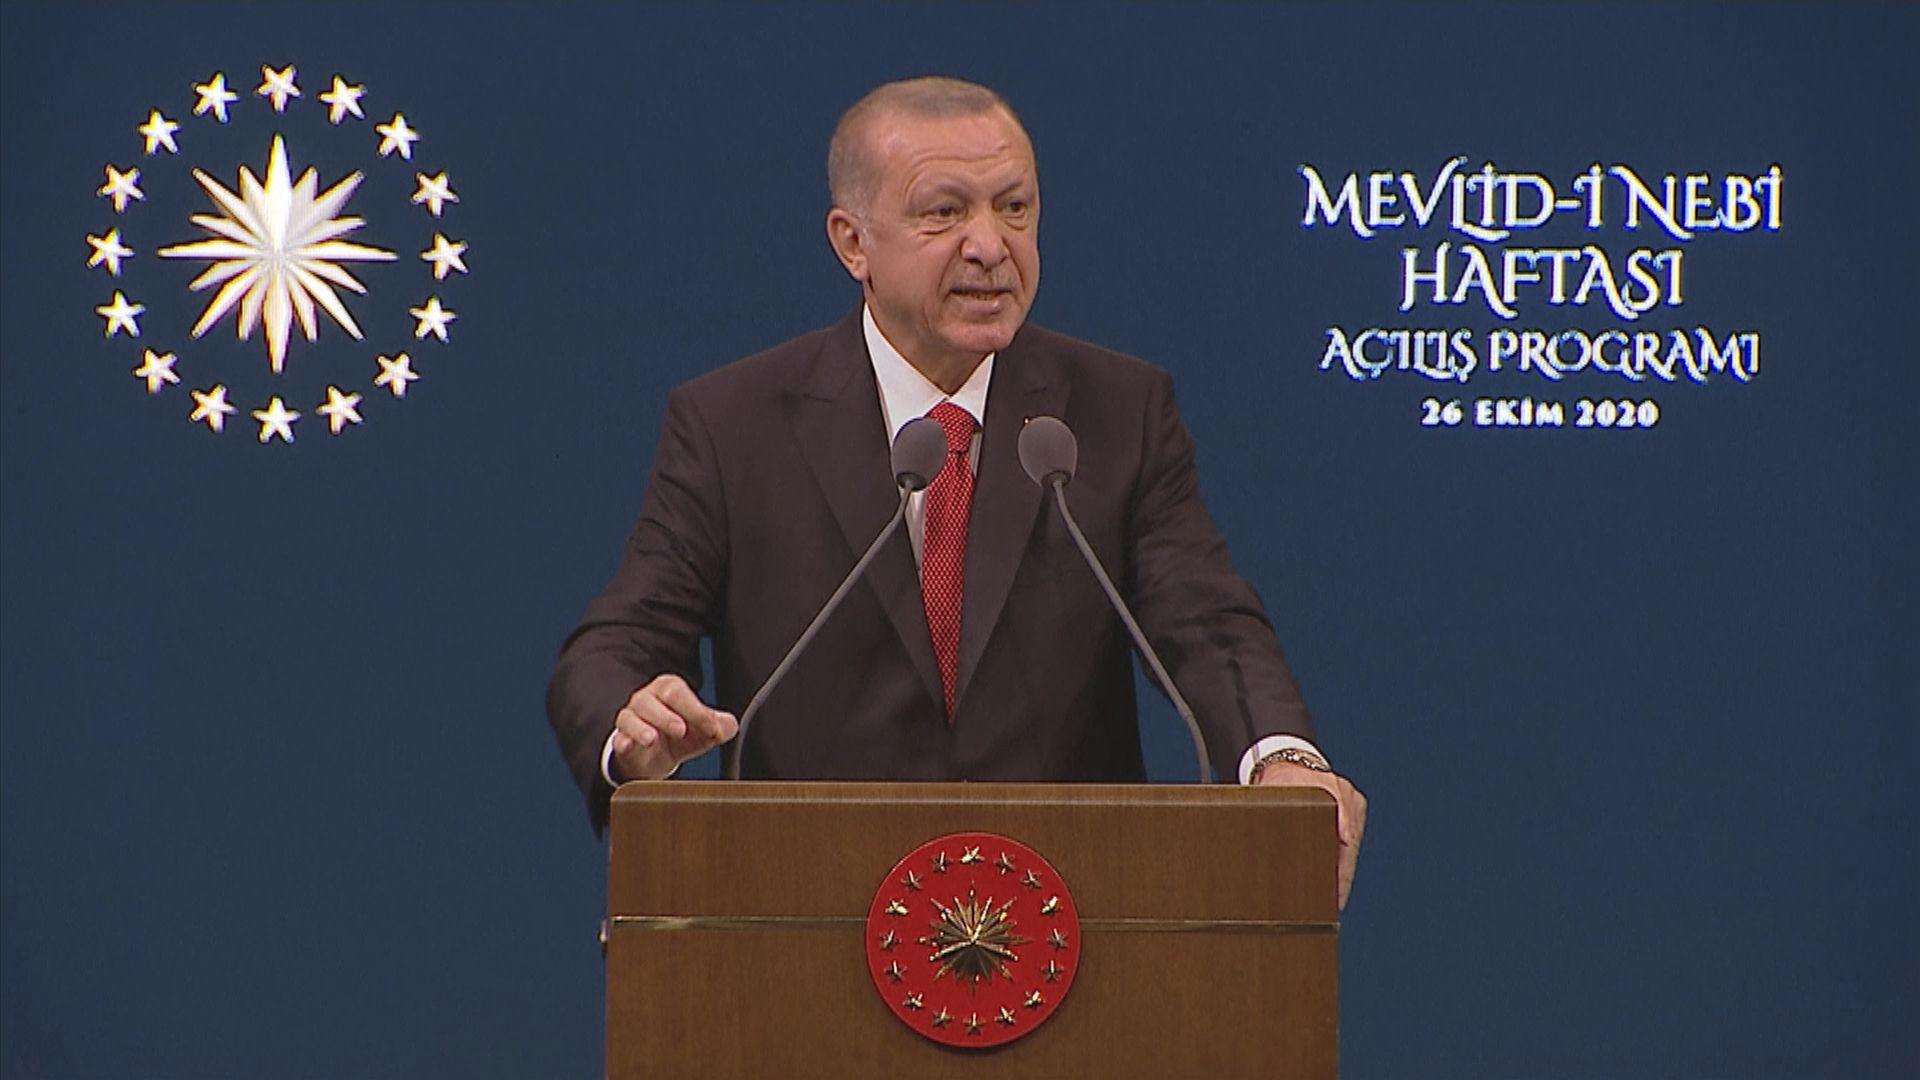 土耳其總統埃爾多安續炮轟馬克龍 呼籲民眾抵制法國貨